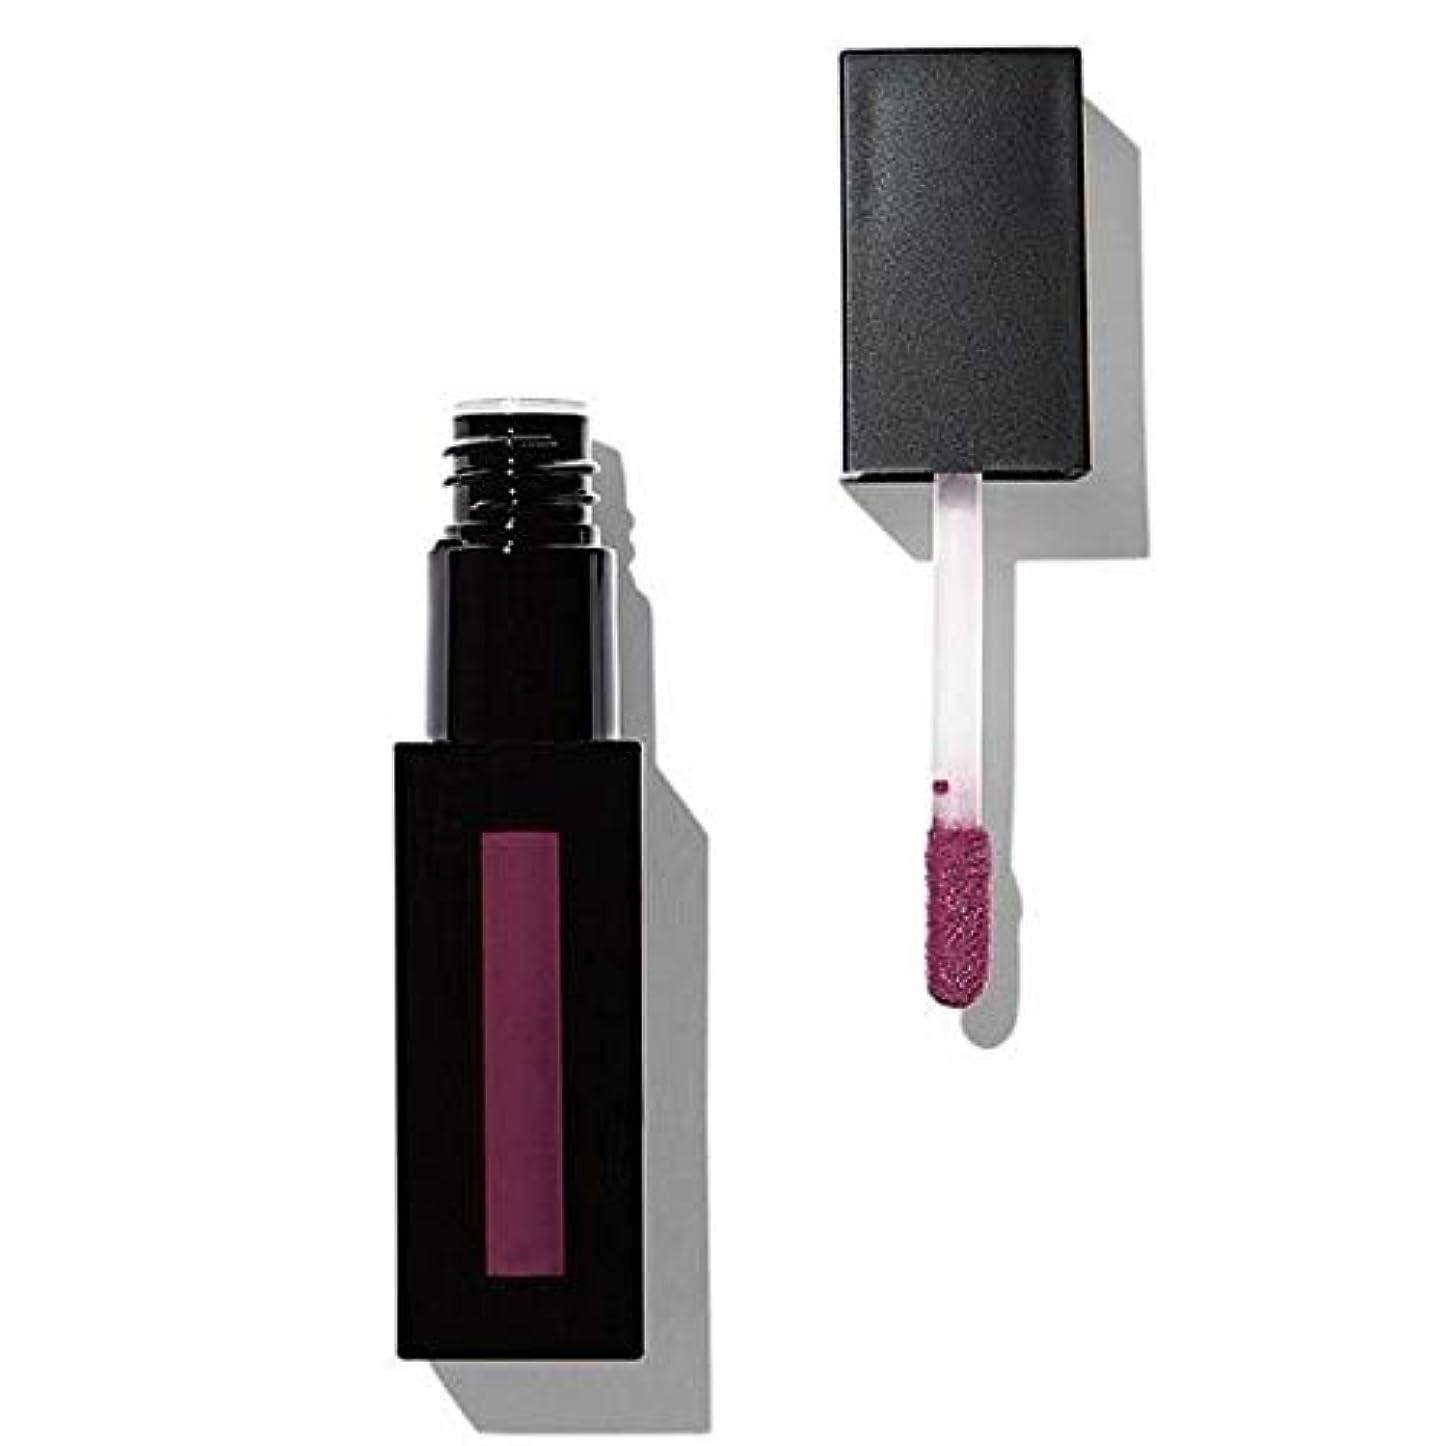 韓国語上げるポイント[Revolution ] 革命プロ最高のマットリップ顔料標高 - Revolution Pro Supreme Matte Lip Pigment Elevation [並行輸入品]